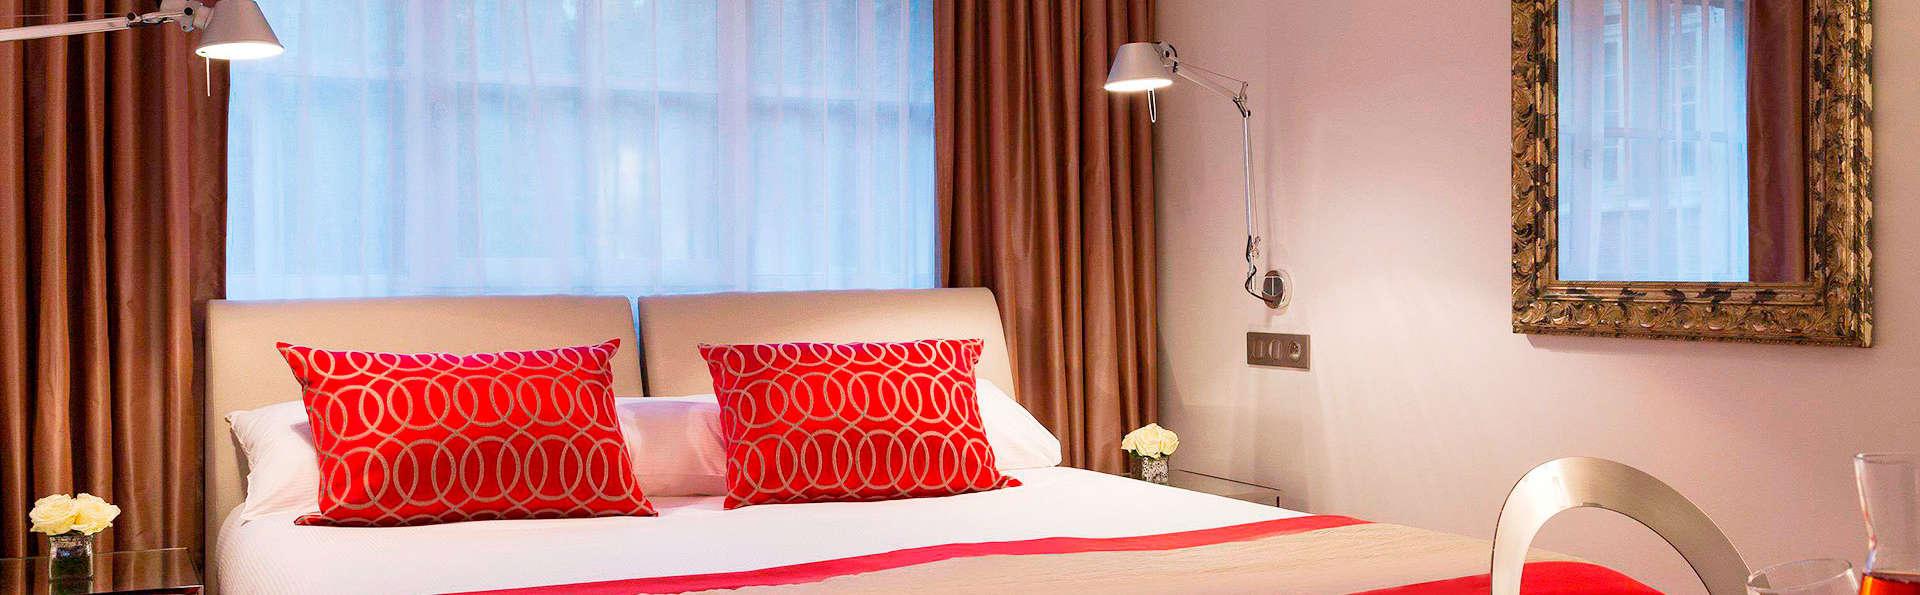 week end bien tre chantilly avec 1 acc s l 39 espace d tente pour 2 adultes partir de 175. Black Bedroom Furniture Sets. Home Design Ideas